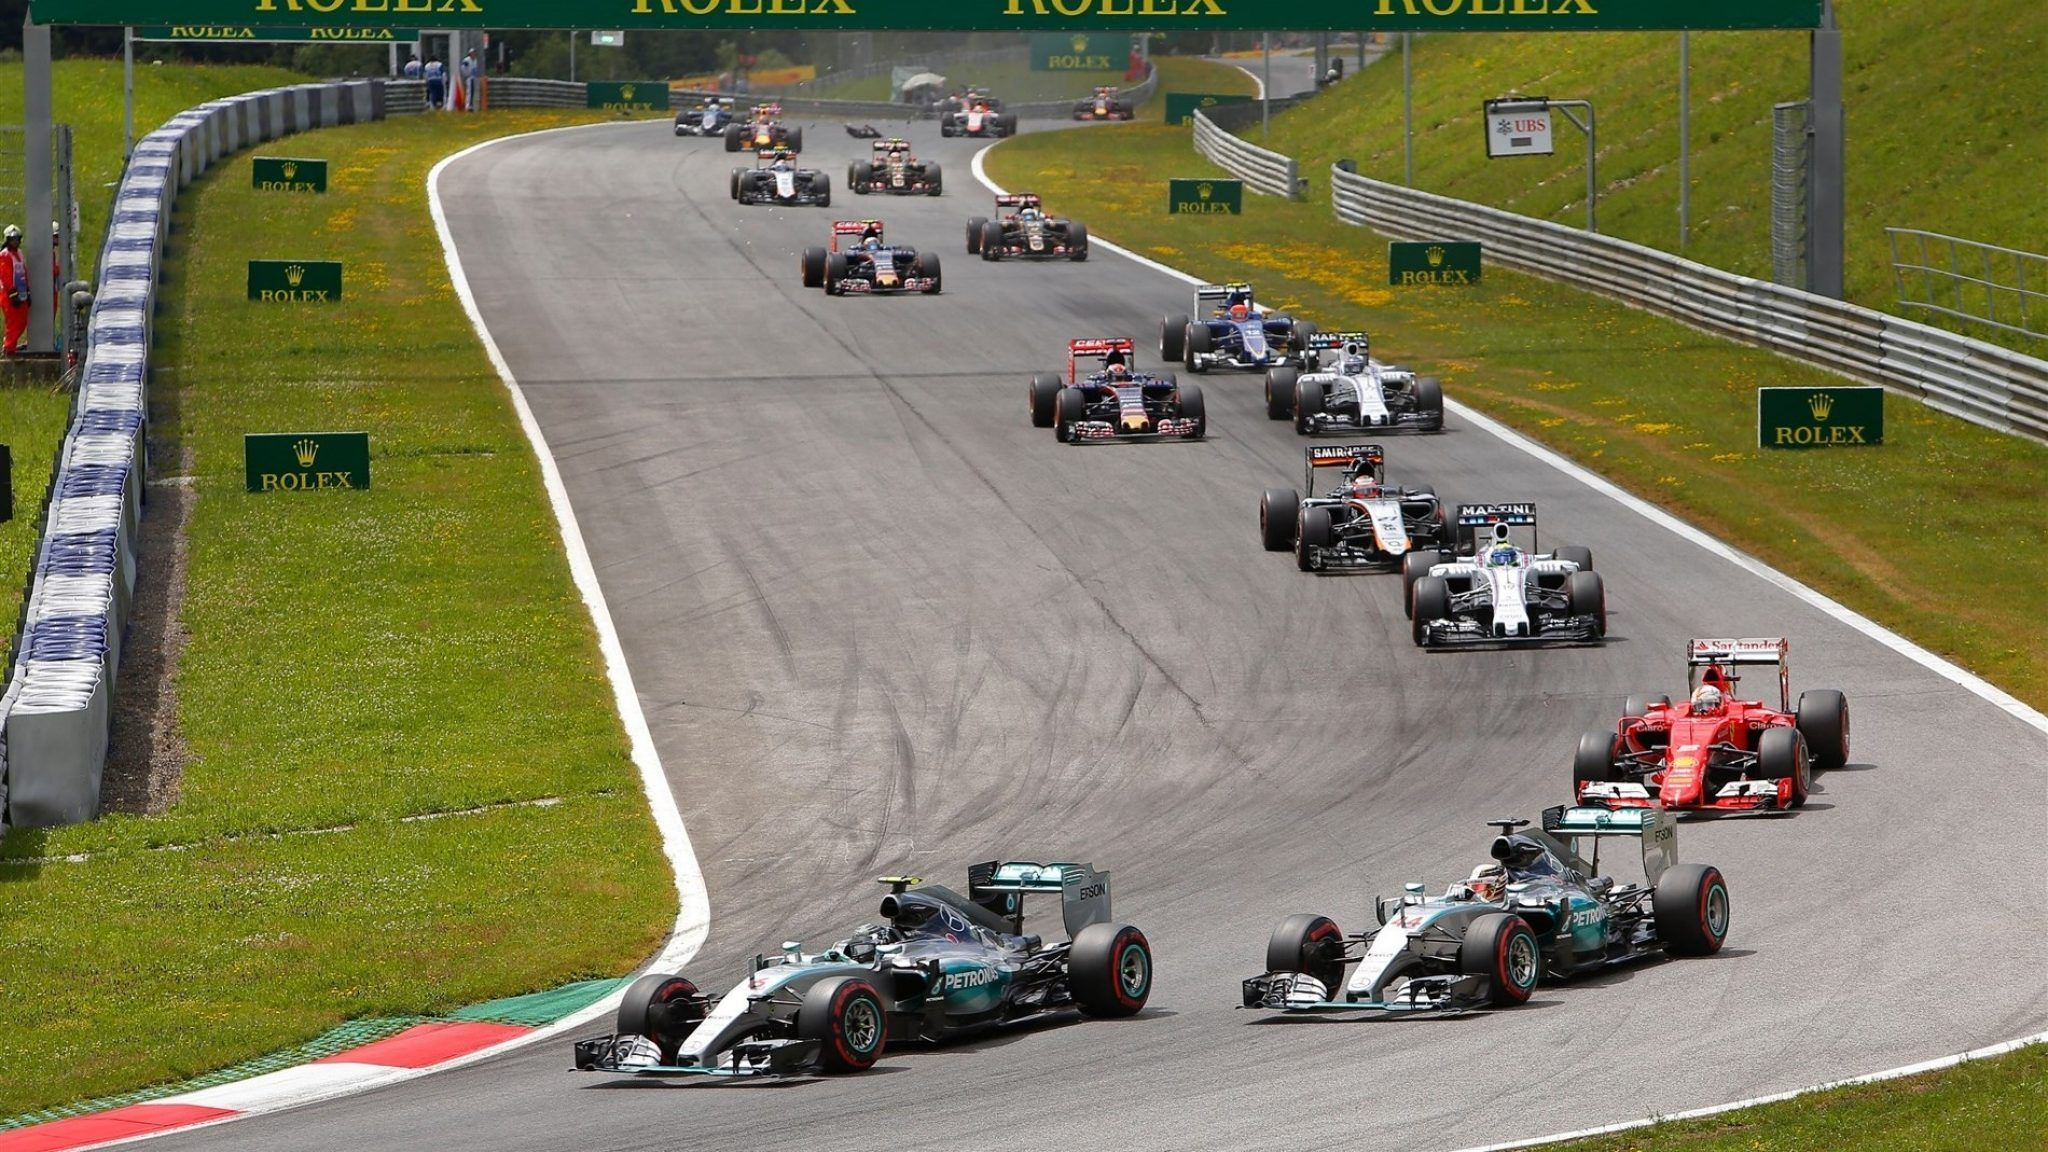 Una fácil para empezar; ¿Cuántas carreras se disputarán en la temporada 2016?